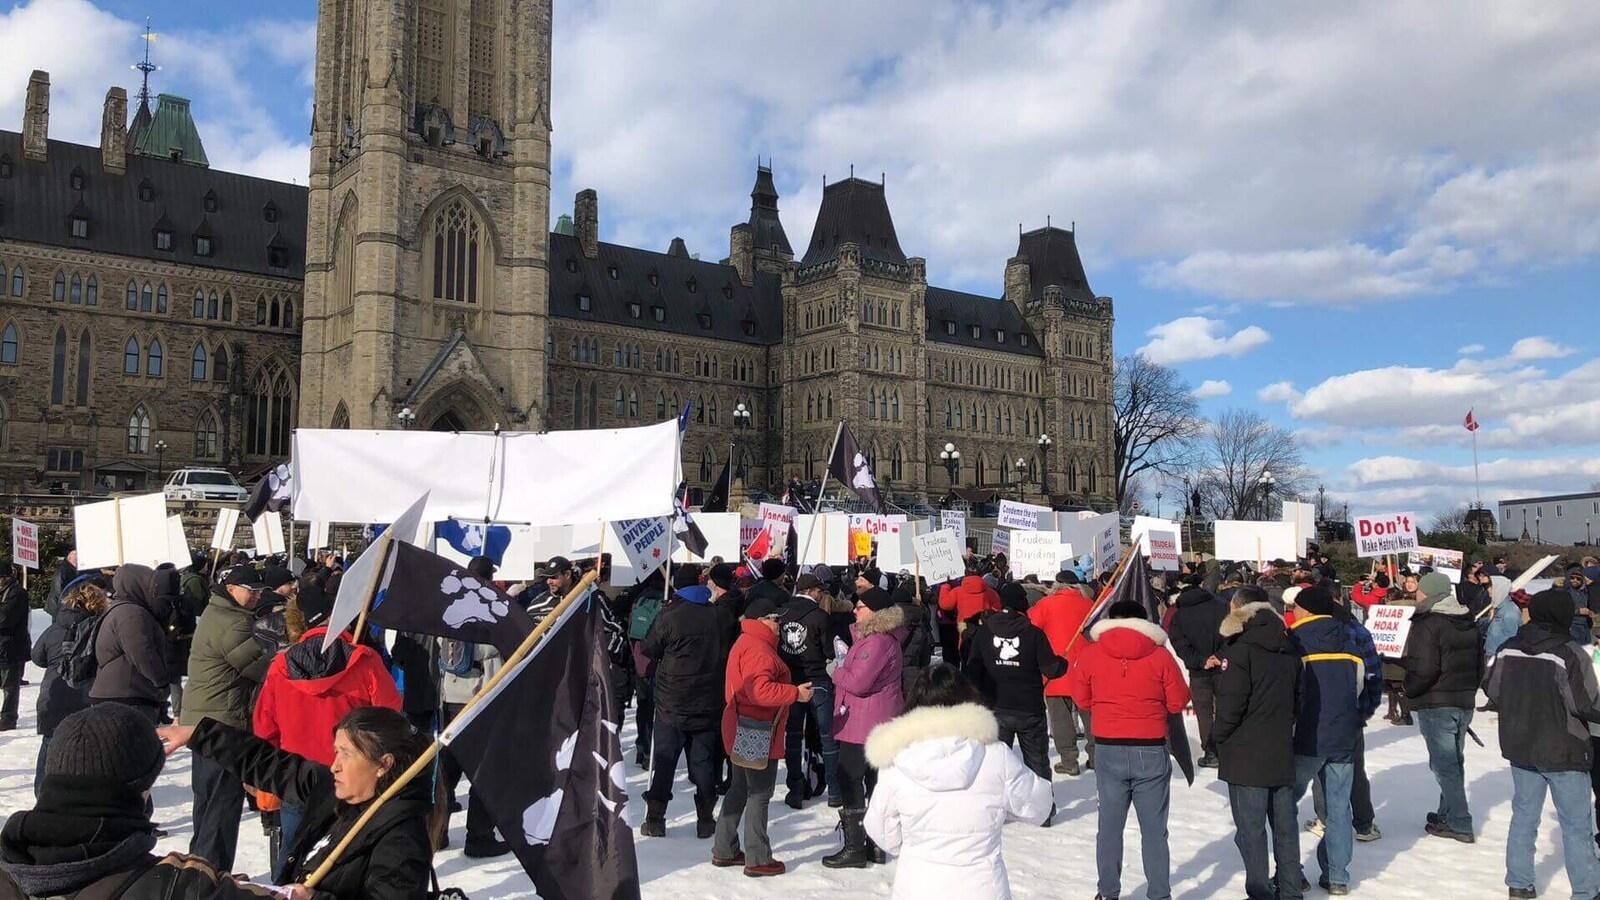 Des personnes avec des pancartes devant l'édifice central du Parlement à Ottawa.